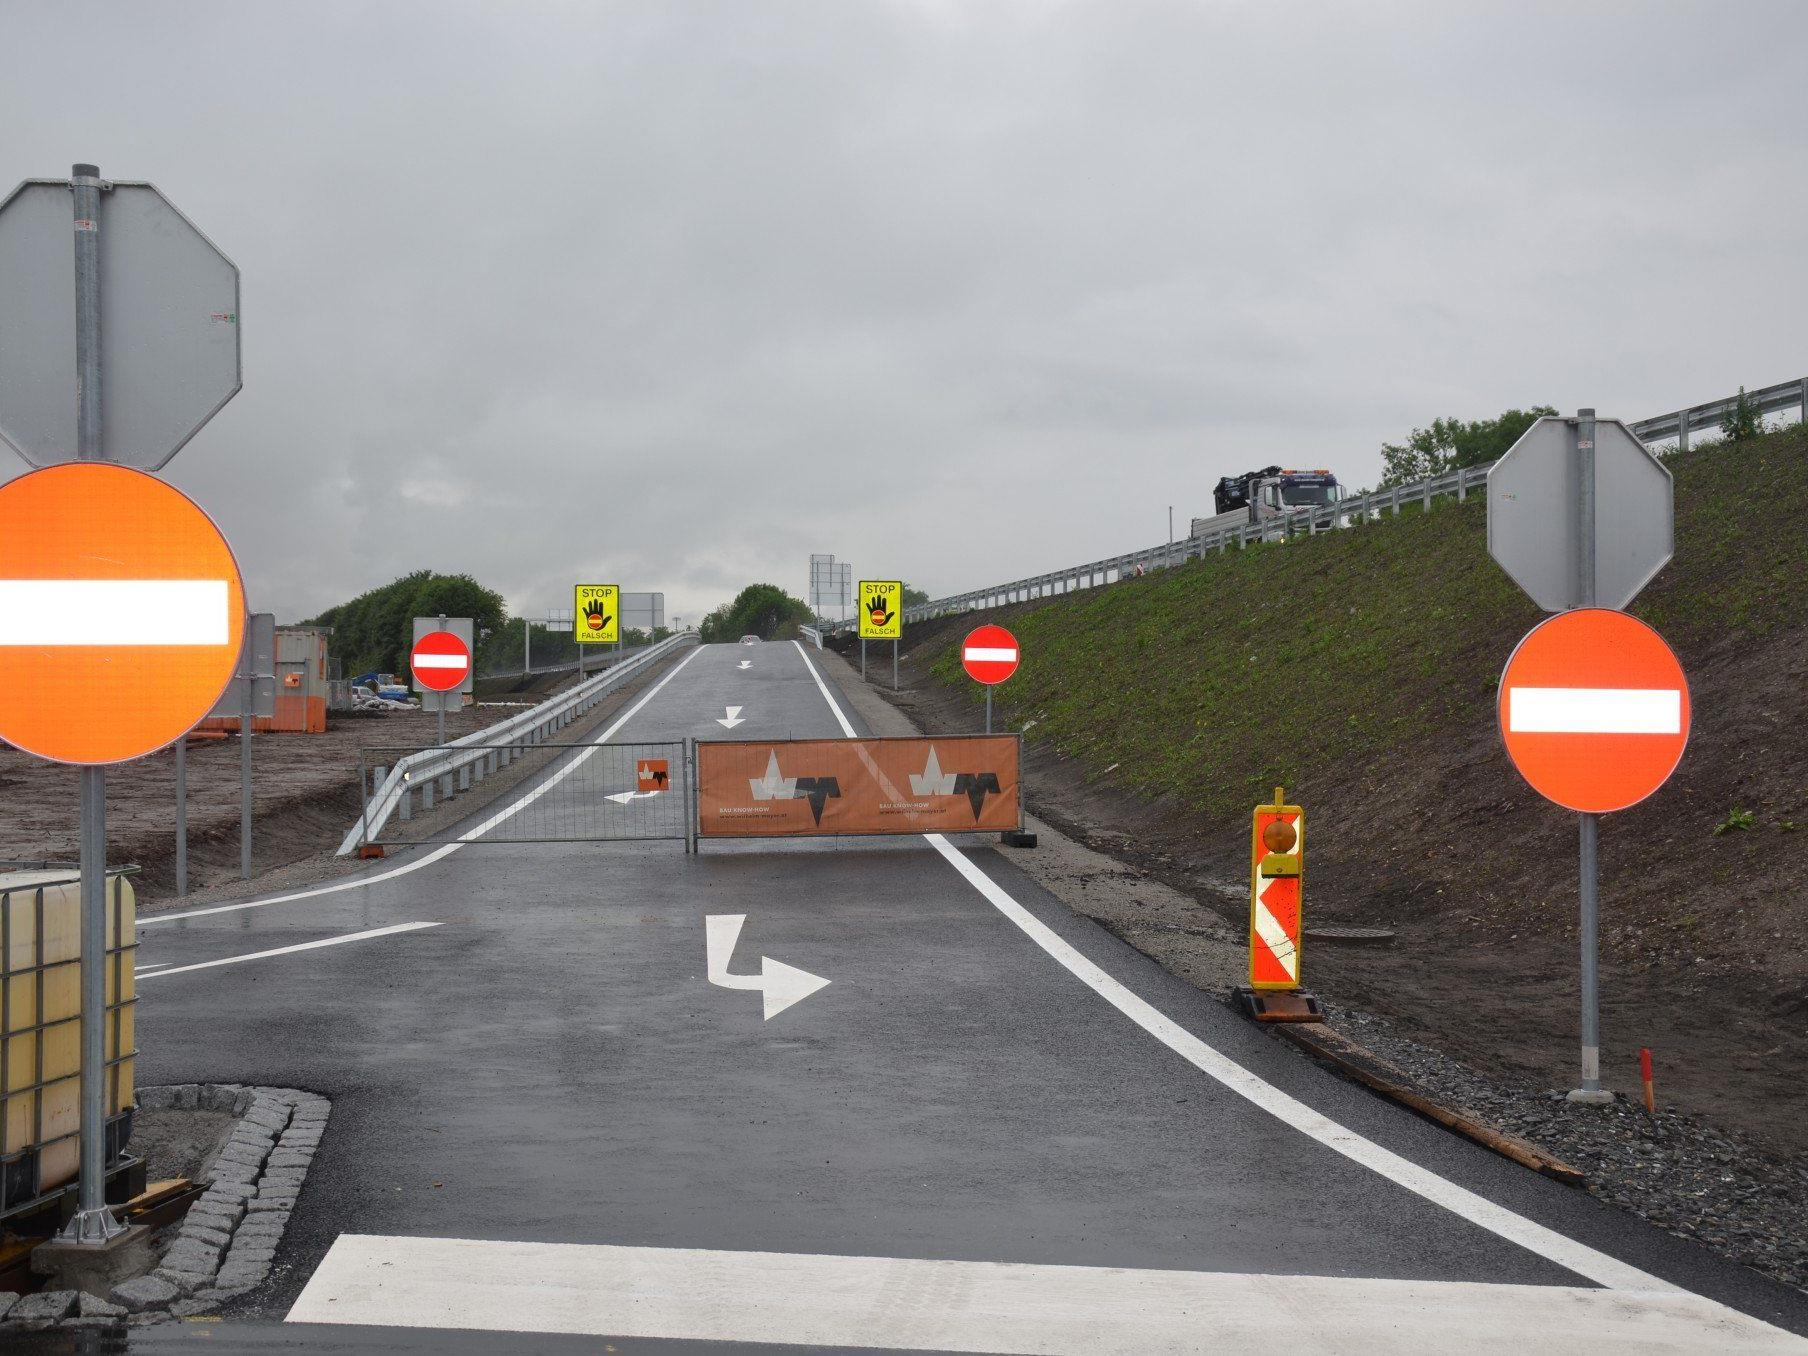 Bis Montag sollen die Restarbeiten abgeschlossen und die Anschlussstelle für den Verkehr freigegeben werden.